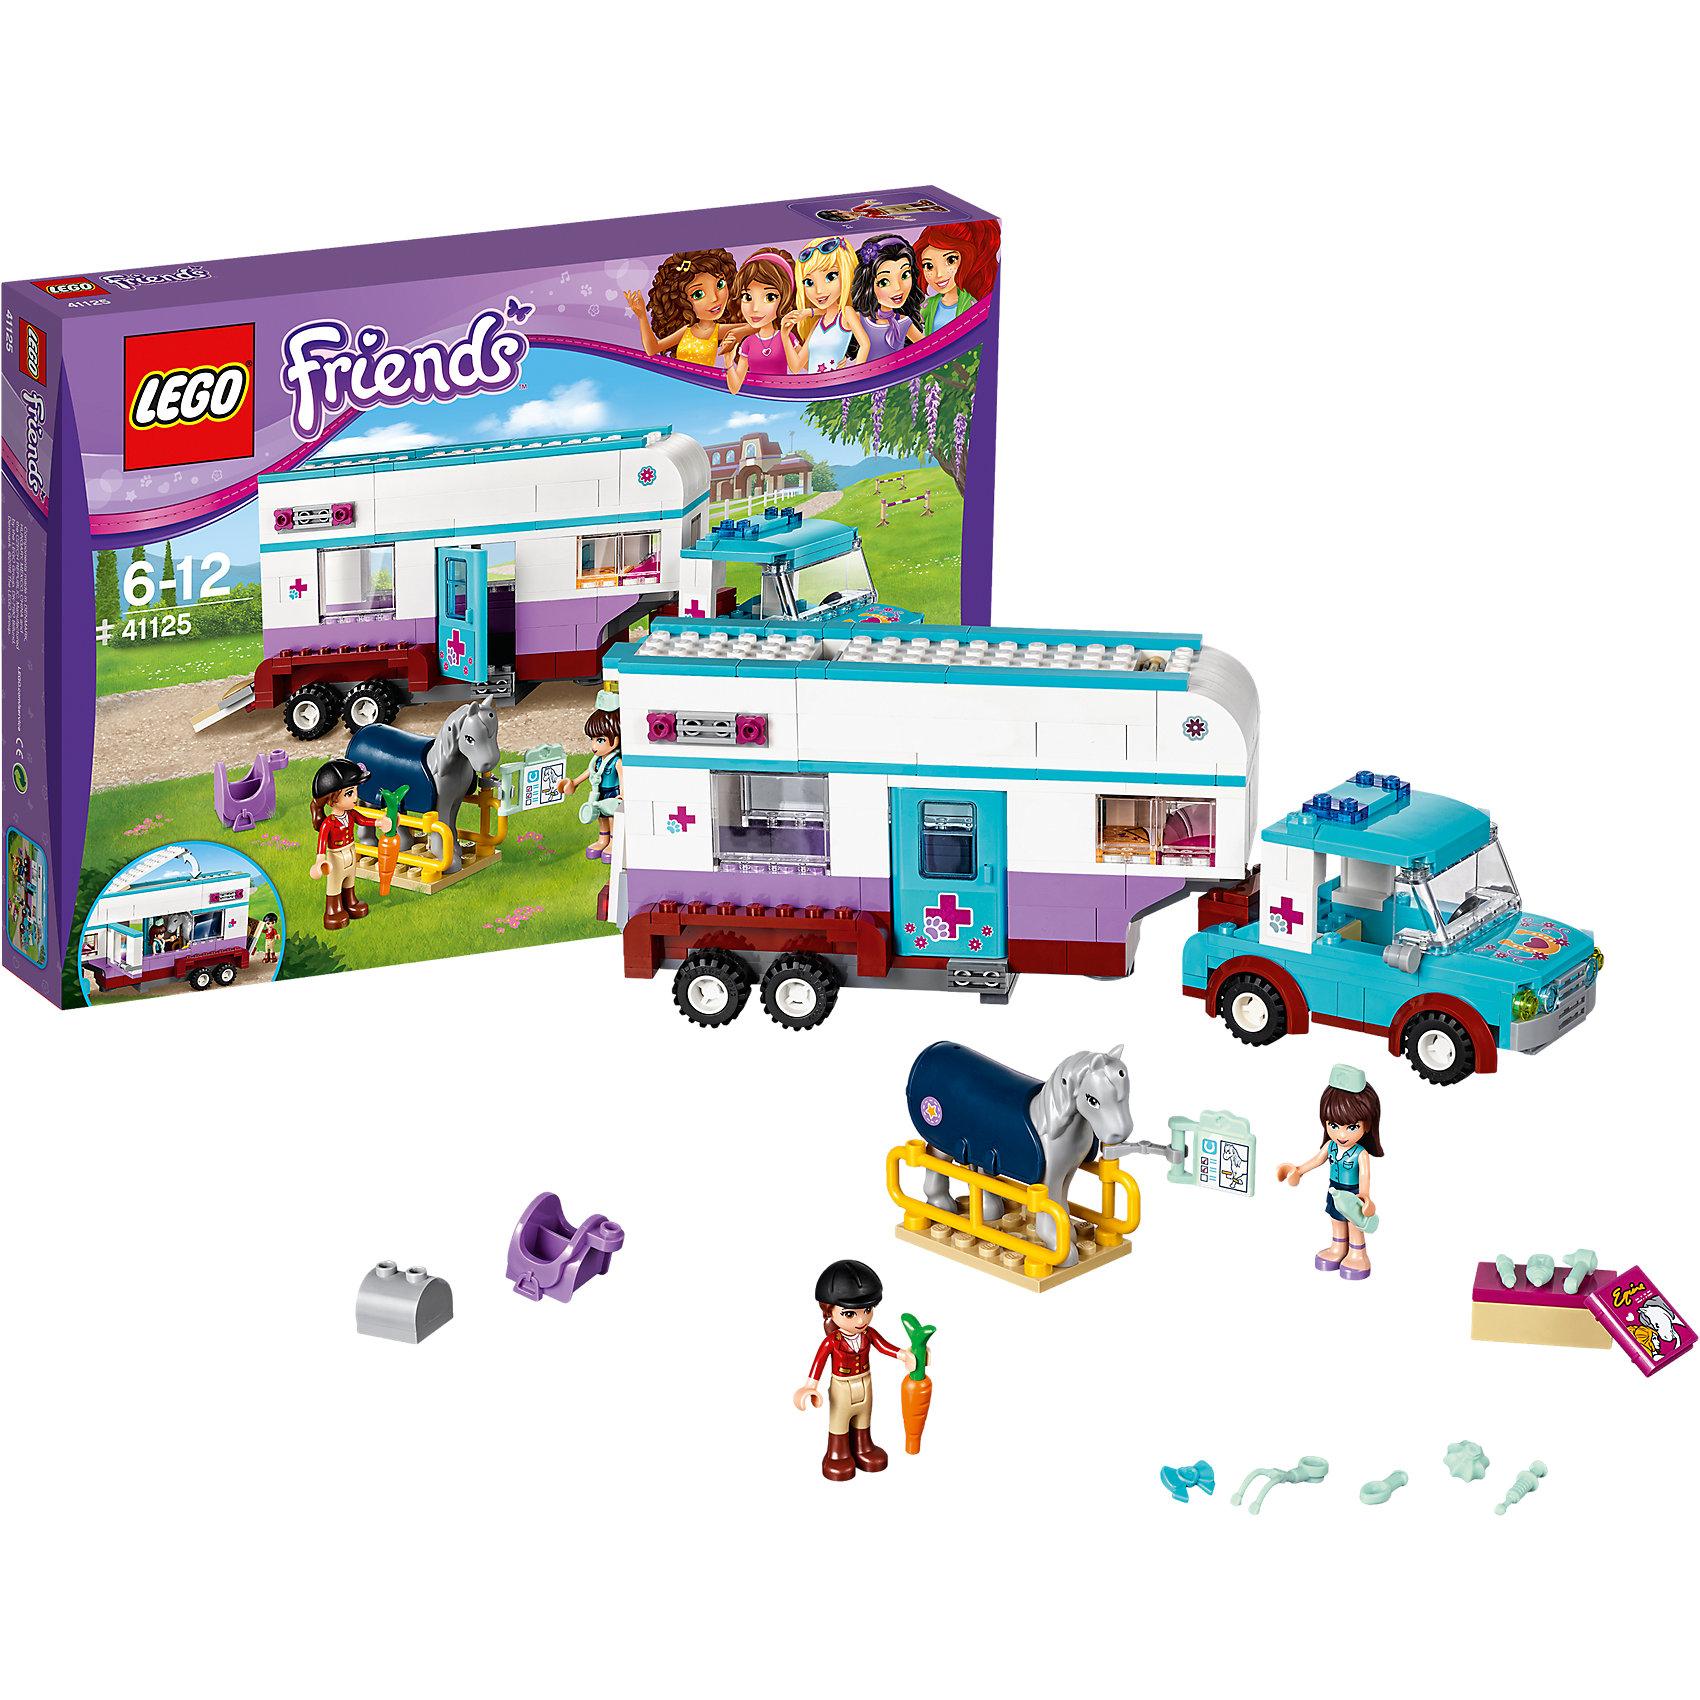 LEGO Friends 41125: Ветеринарная машина для лошадокИгры с конструктором обожает множество современных девочек, поэтому набор Лего, из которого можно собрать разные сюжеты про героев и её приключения, обязательно порадует ребенка. Такие игрушки помогают детям развивать воображение, мелкую моторику, логику и творческое мышление.<br>Набор состоит из множества деталей, с помощью которых можно  собрать декорации для игр, а также в нем есть фигурки любимых персонажей! С таким комплектом можно придумать множество игр!<br><br>Дополнительная информация:<br><br>цвет: разноцветный;<br>размер коробки: 35 x 29 x 5 см;<br>вес: 1000 г;<br>материал: пластик;<br>количество деталей: 370.<br><br>Набор Ветеринарная машина для лошадок от бренда LEGO Friends можно купить в нашем магазине.<br><br>Ширина мм: 381<br>Глубина мм: 261<br>Высота мм: 58<br>Вес г: 642<br>Возраст от месяцев: 72<br>Возраст до месяцев: 144<br>Пол: Женский<br>Возраст: Детский<br>SKU: 4641217